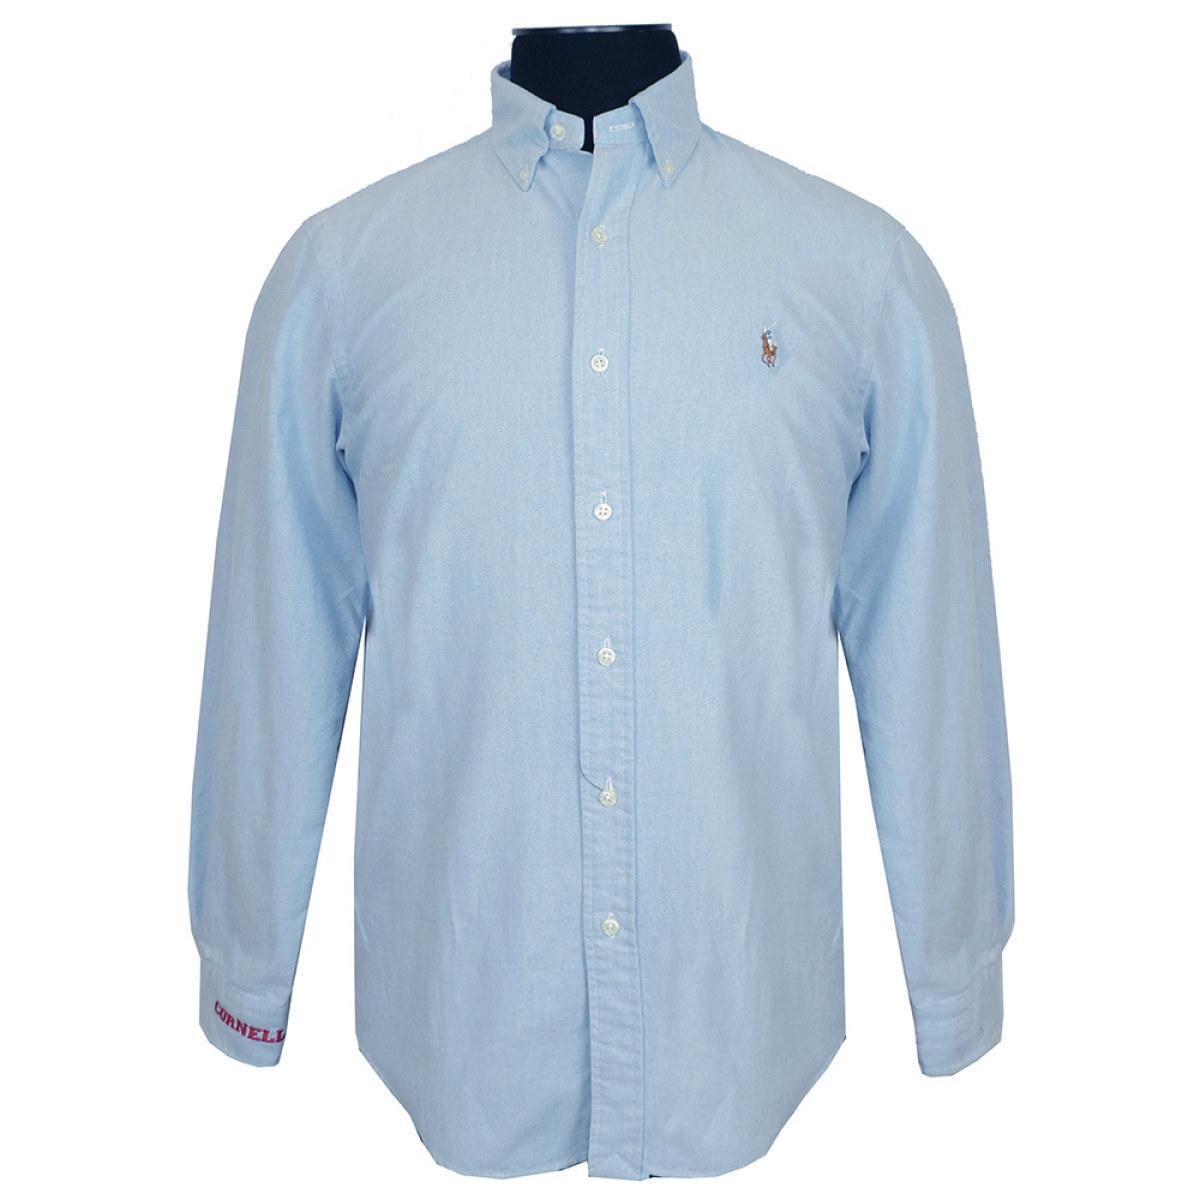 9a99b10f6a86 Ralph Lauren - Oxford Shirt